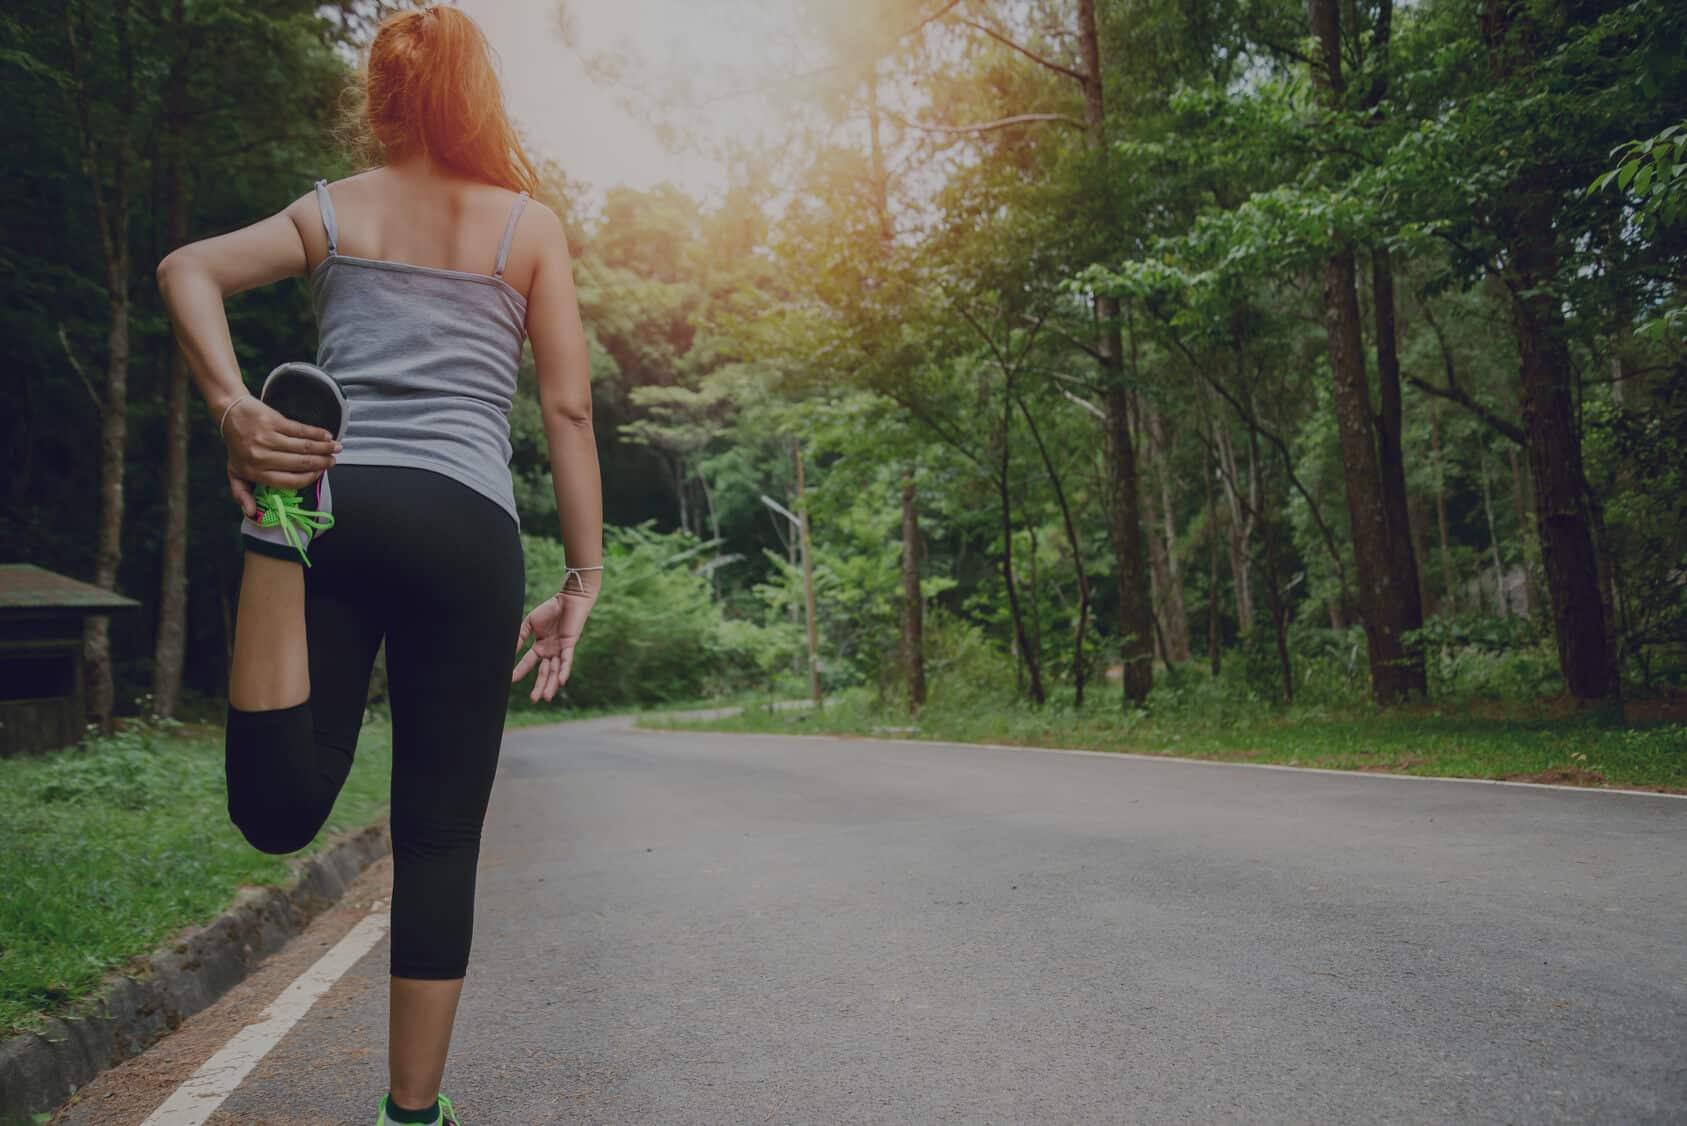 Comment reprendre le sport après une dechirure ?